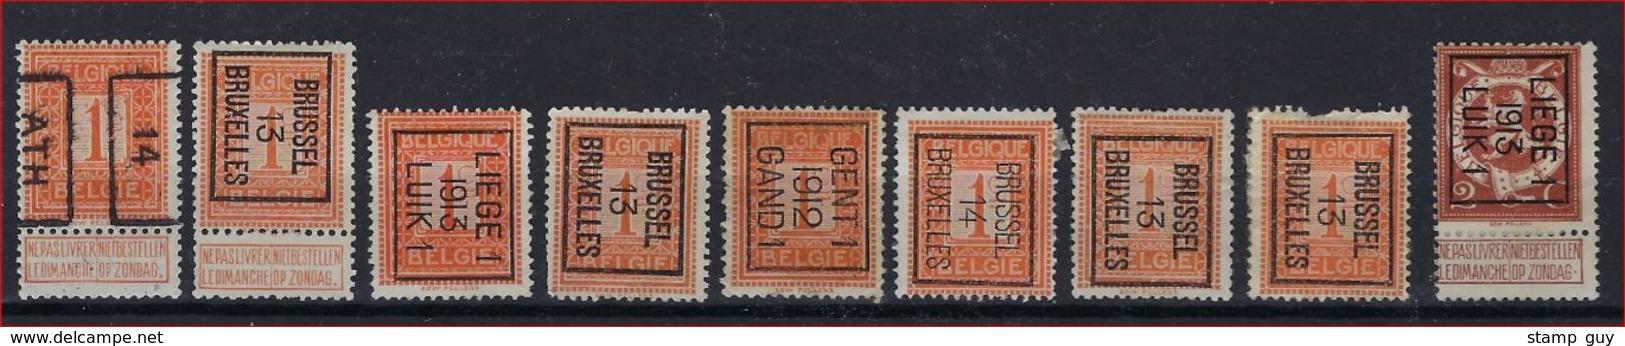 PELLENS 9 Zegels Voorafgestempeld Met O.a. Nrs. 2264 En TYPO Nr. 43 B ; Staat Zie Scan ! Verkoop Aan 15 Euro ! - Typo Precancels 1912-14 (Lion)